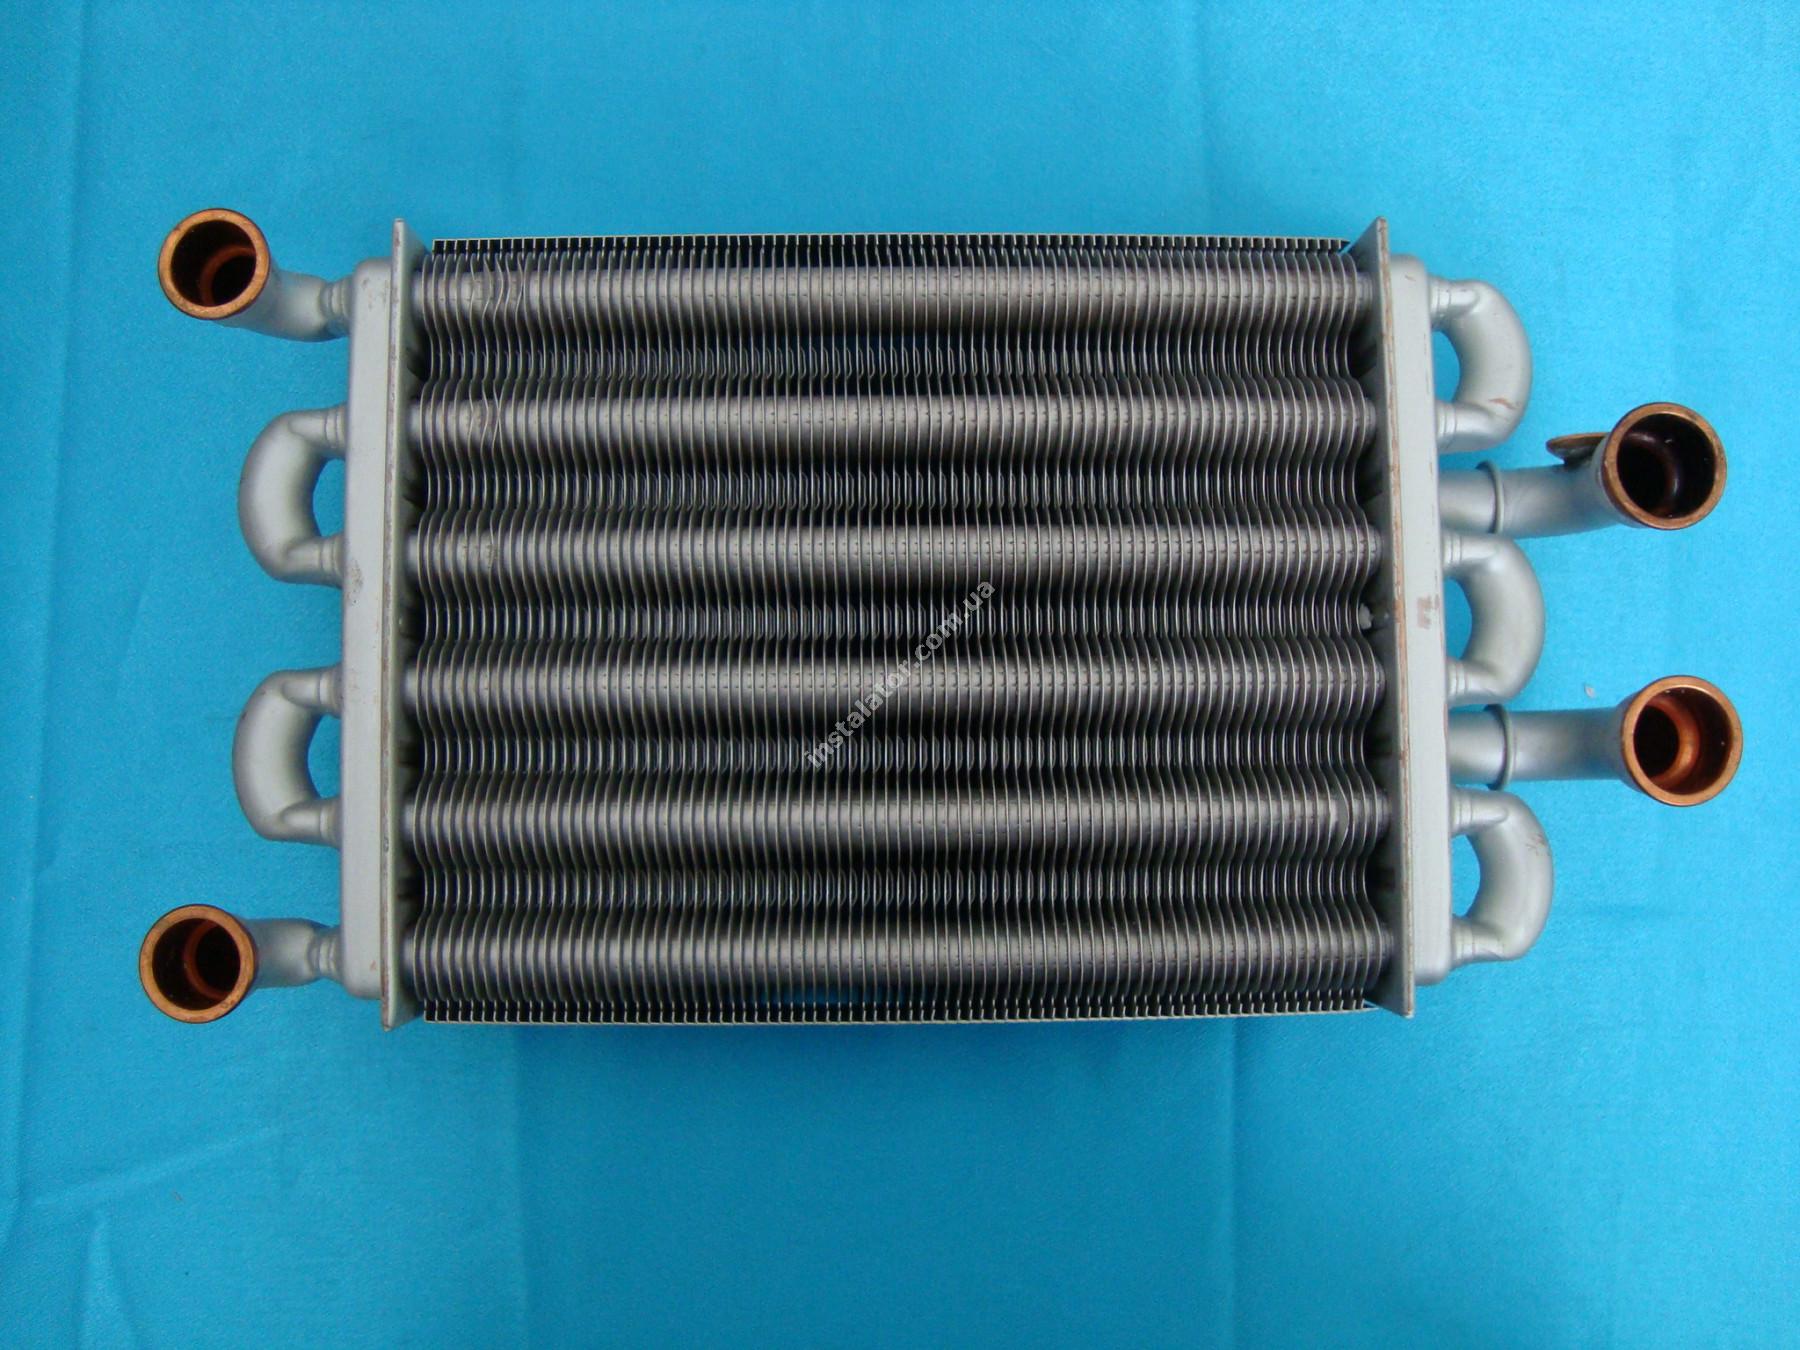 5700520 Теплообмінник бітермічний BAXI full-image-1